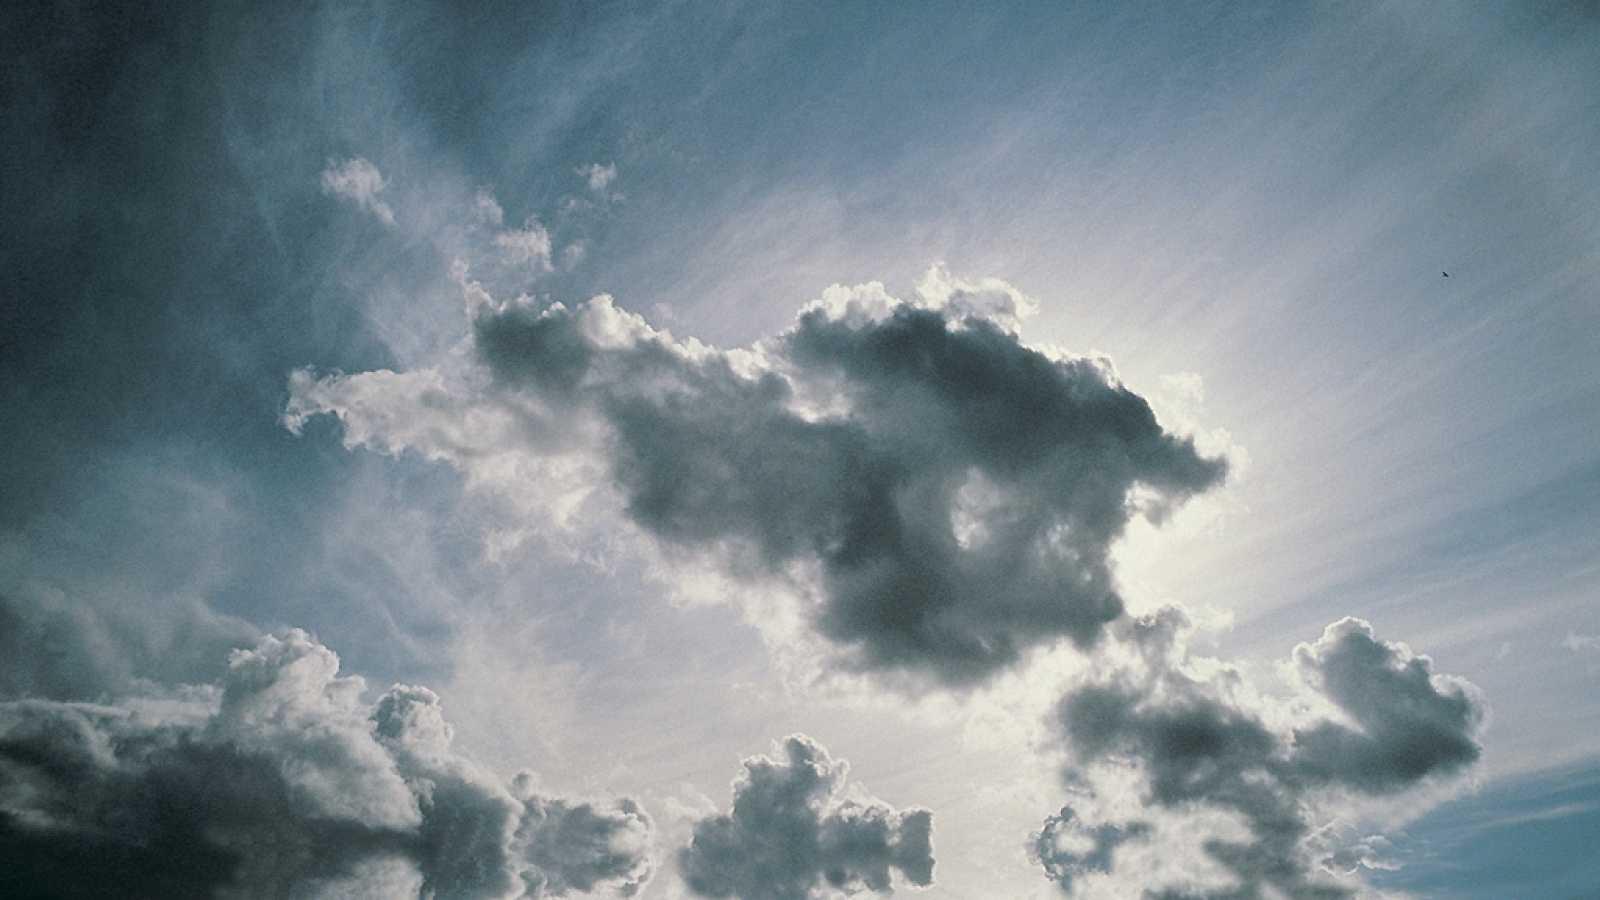 España vuelta y vuelta - 'El cielo en tus manos', un libro que profundiza en el alma  - Escuchar ahora